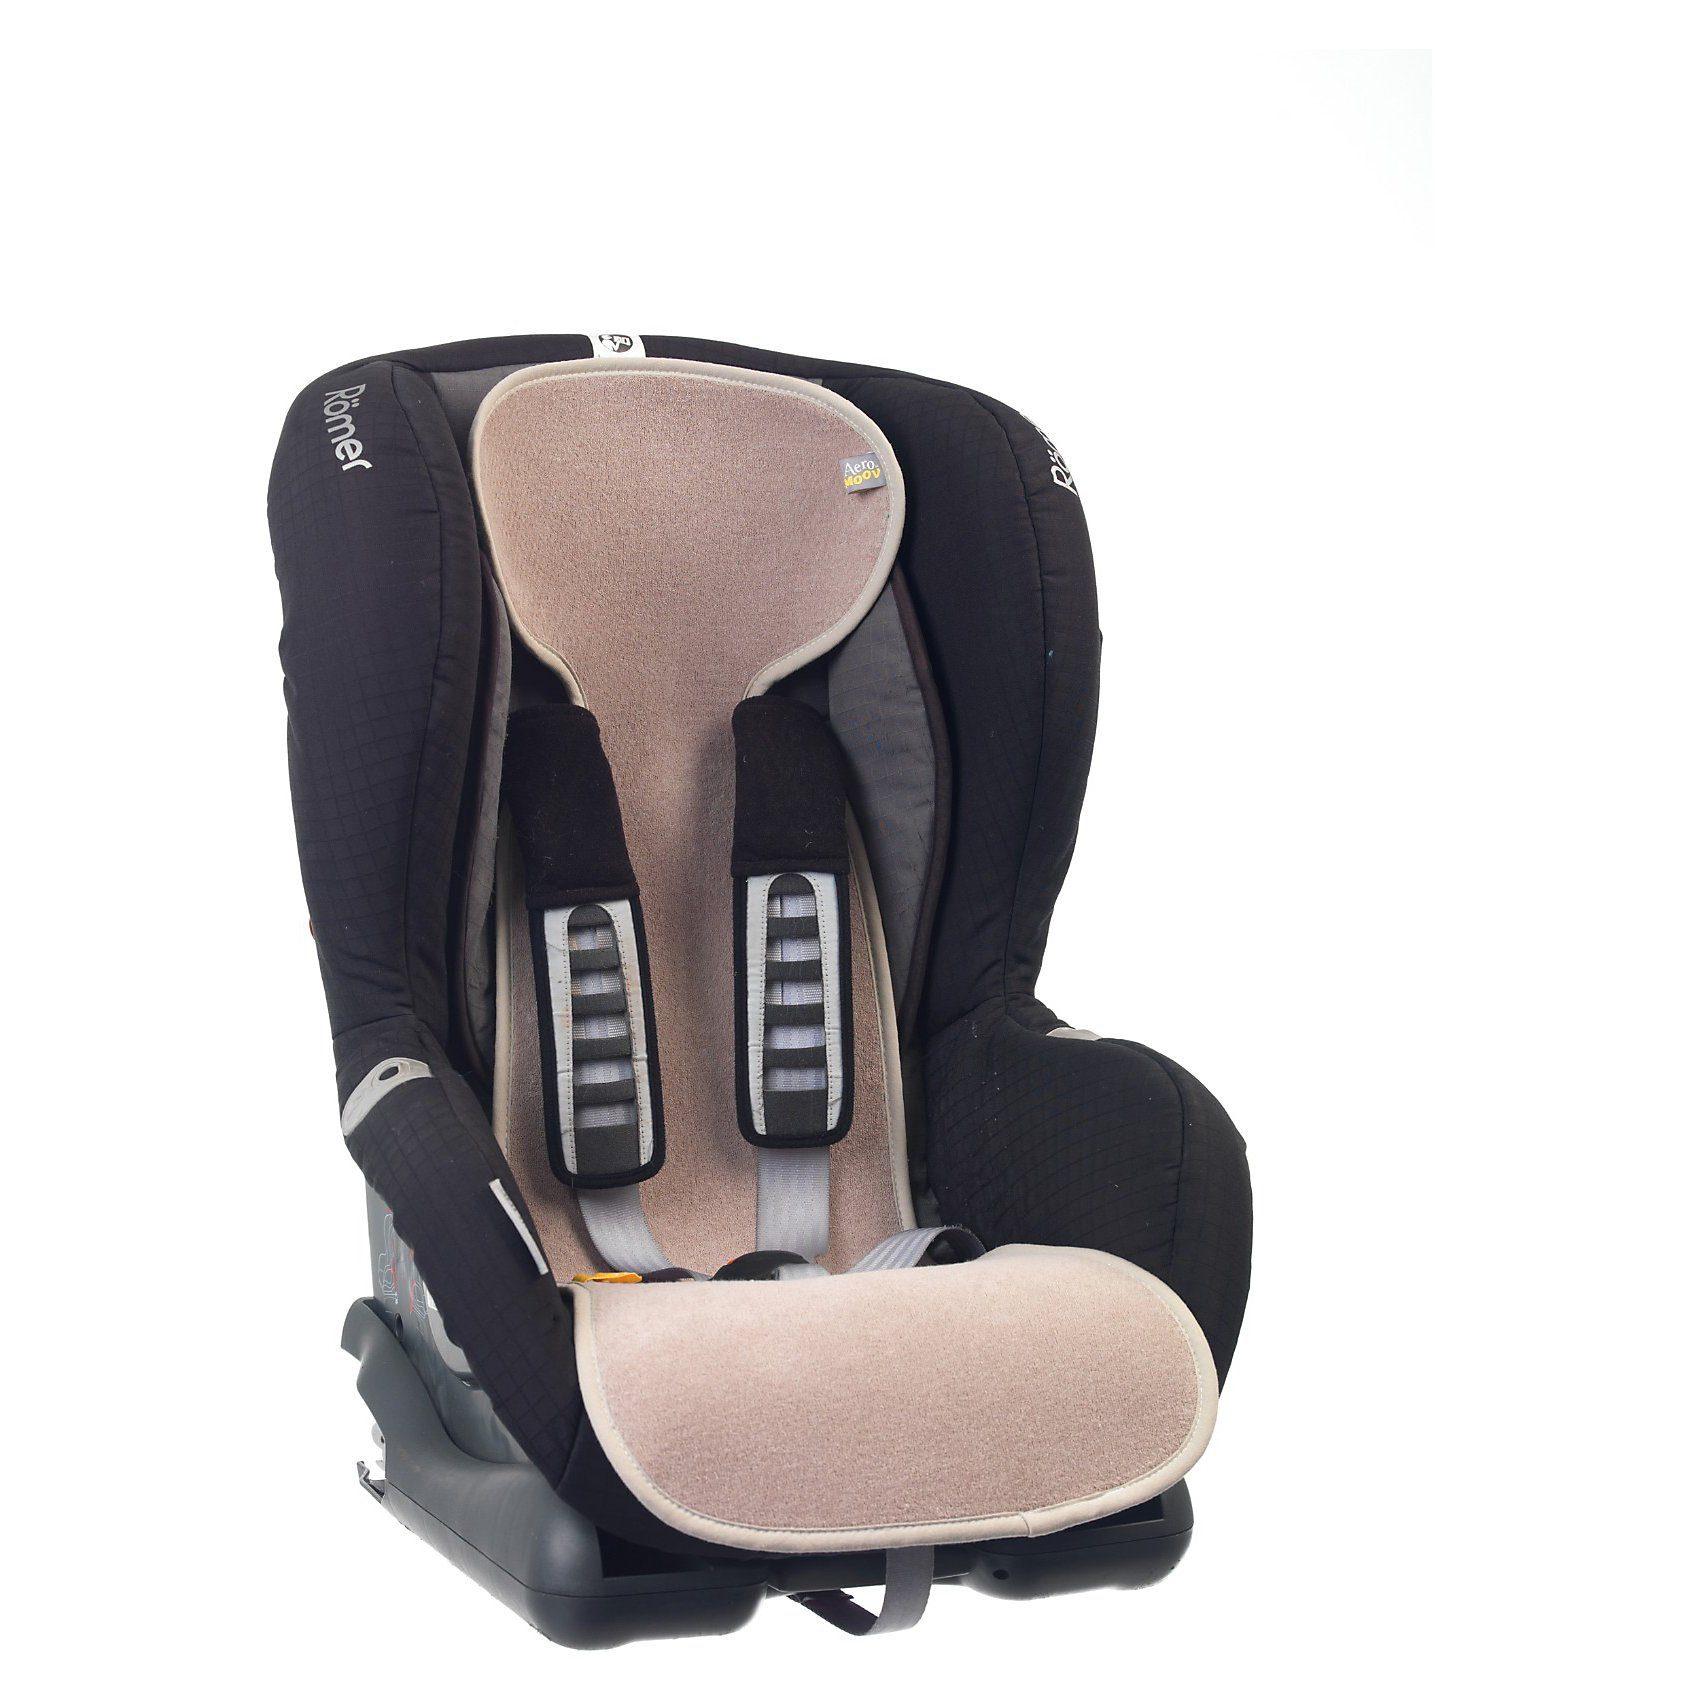 Sitzeinlage AeroMoov air layer für Auto-Kindersitz Gr. 1, sa